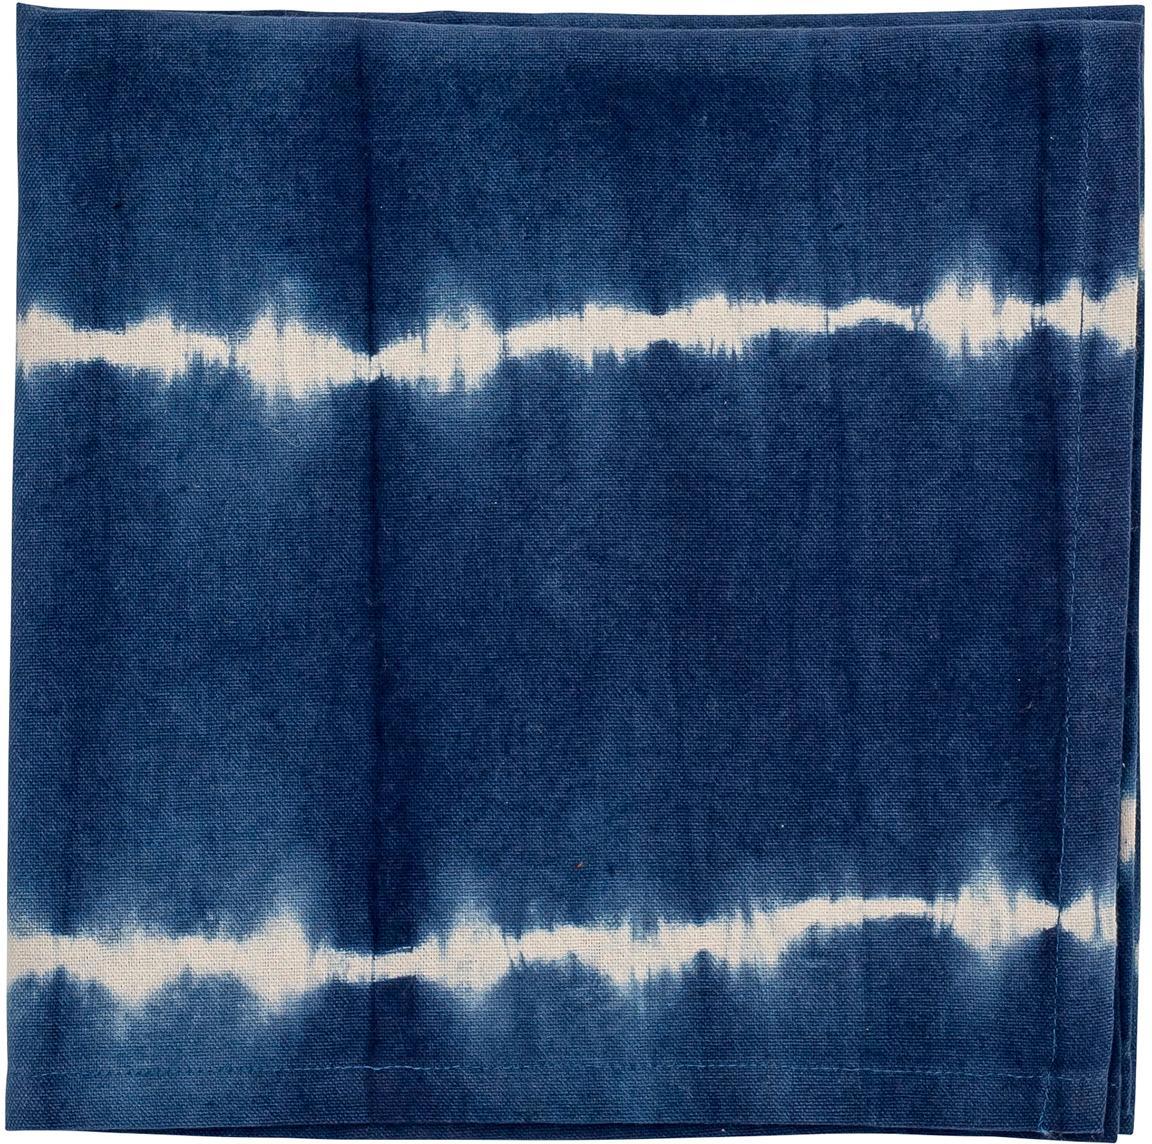 Serwetka z bawełny Alden, 4 szt., Bawełna, Niebieski, S 45 x D 45 cm